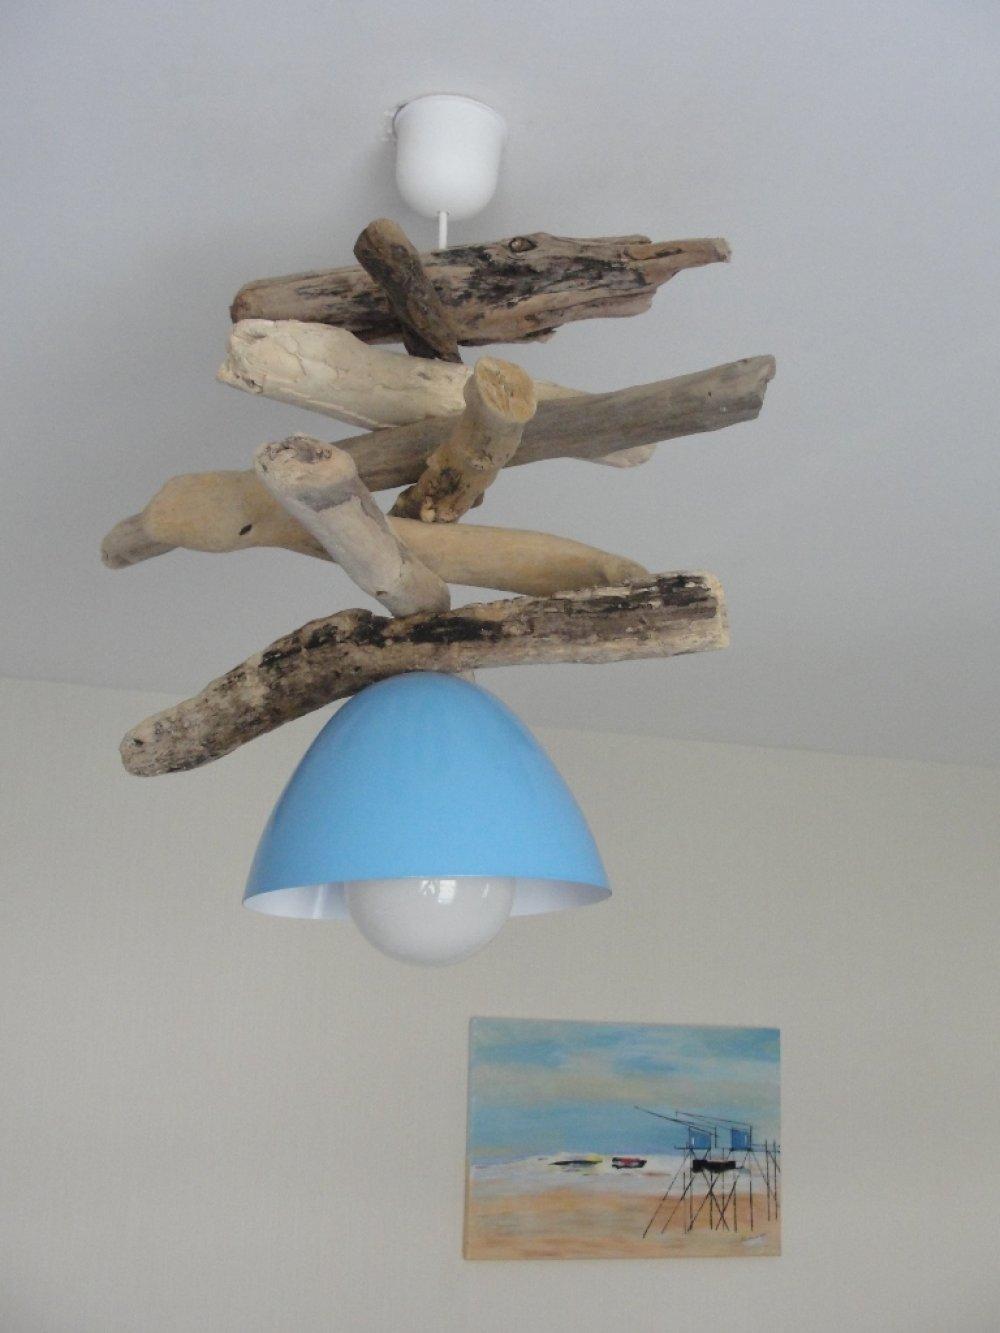 Patine Effet Bois Flotté suspension bois flotté avec ogive métal bleu ciel